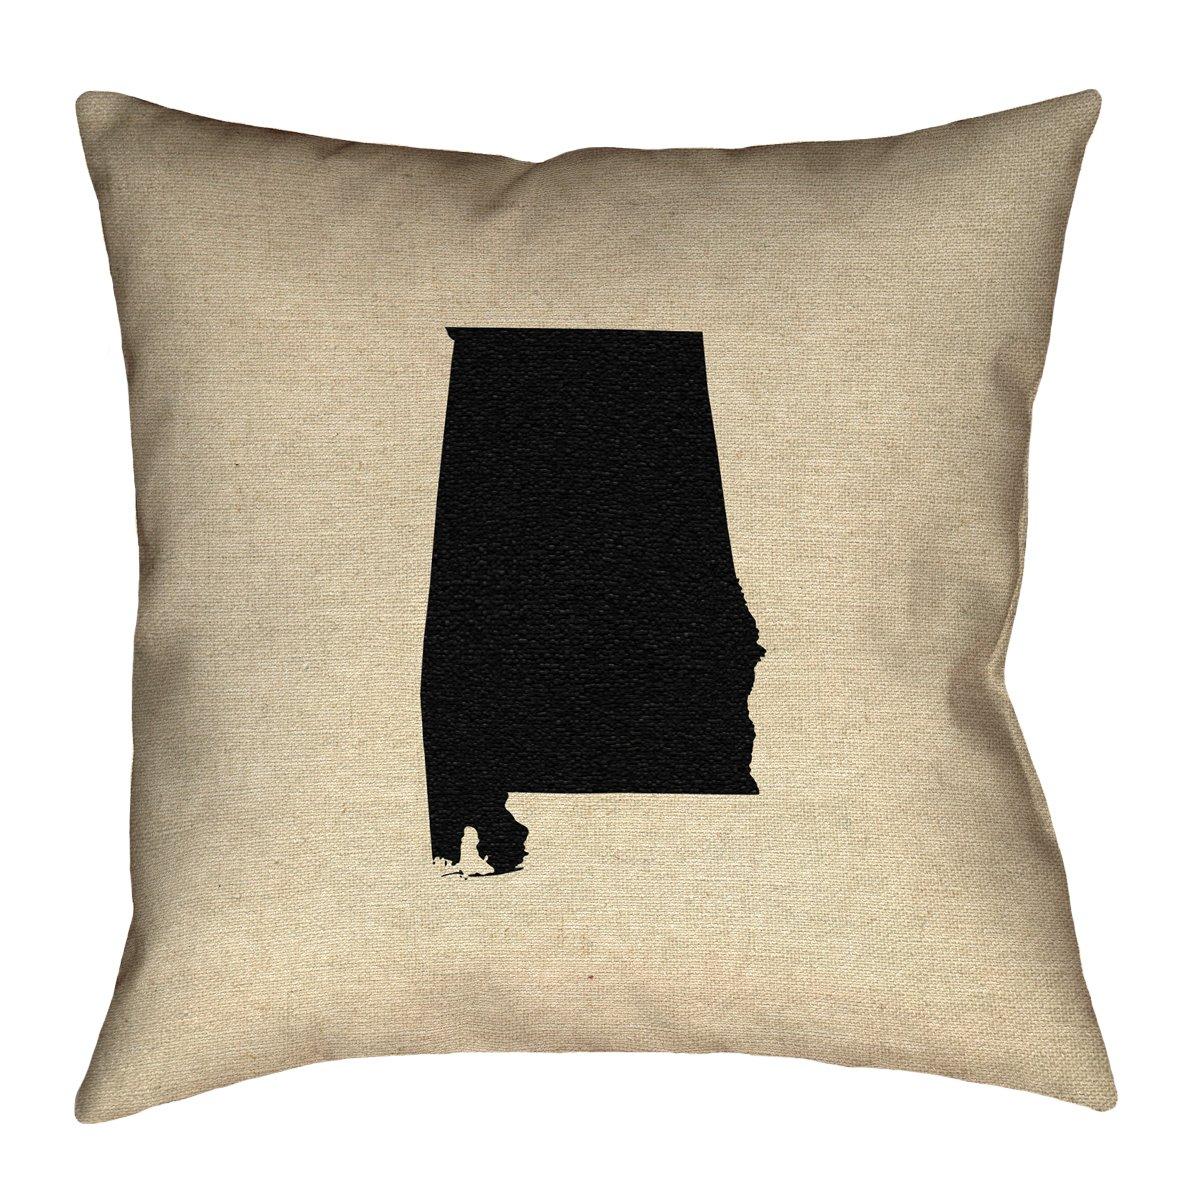 ArtVerse SMI148P2020D Alabama Pillow 20 x 20